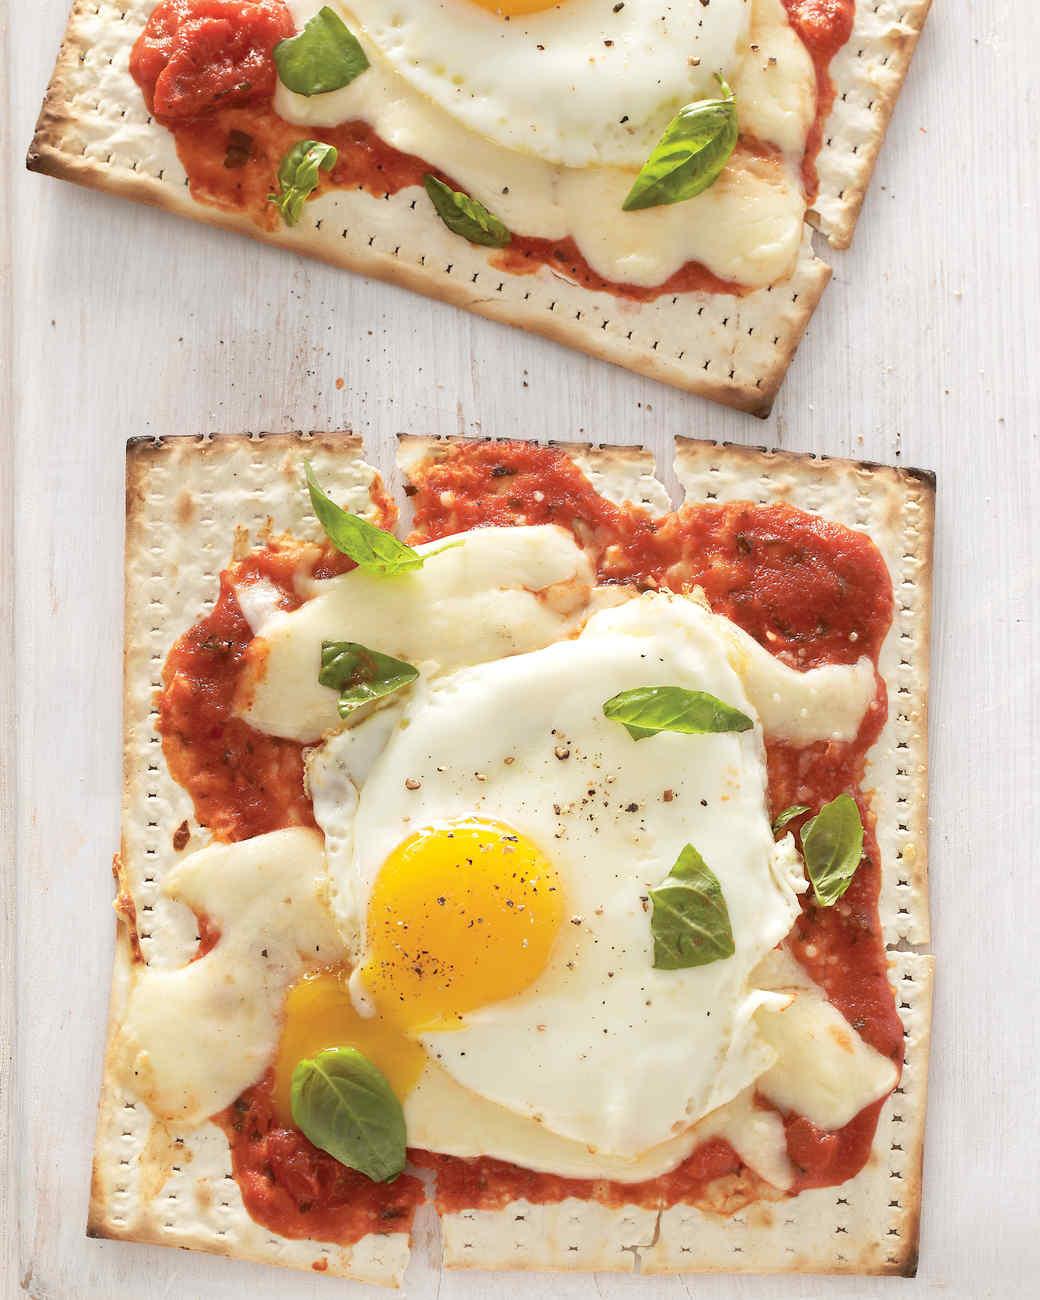 mld106963_0411_pizza.jpg